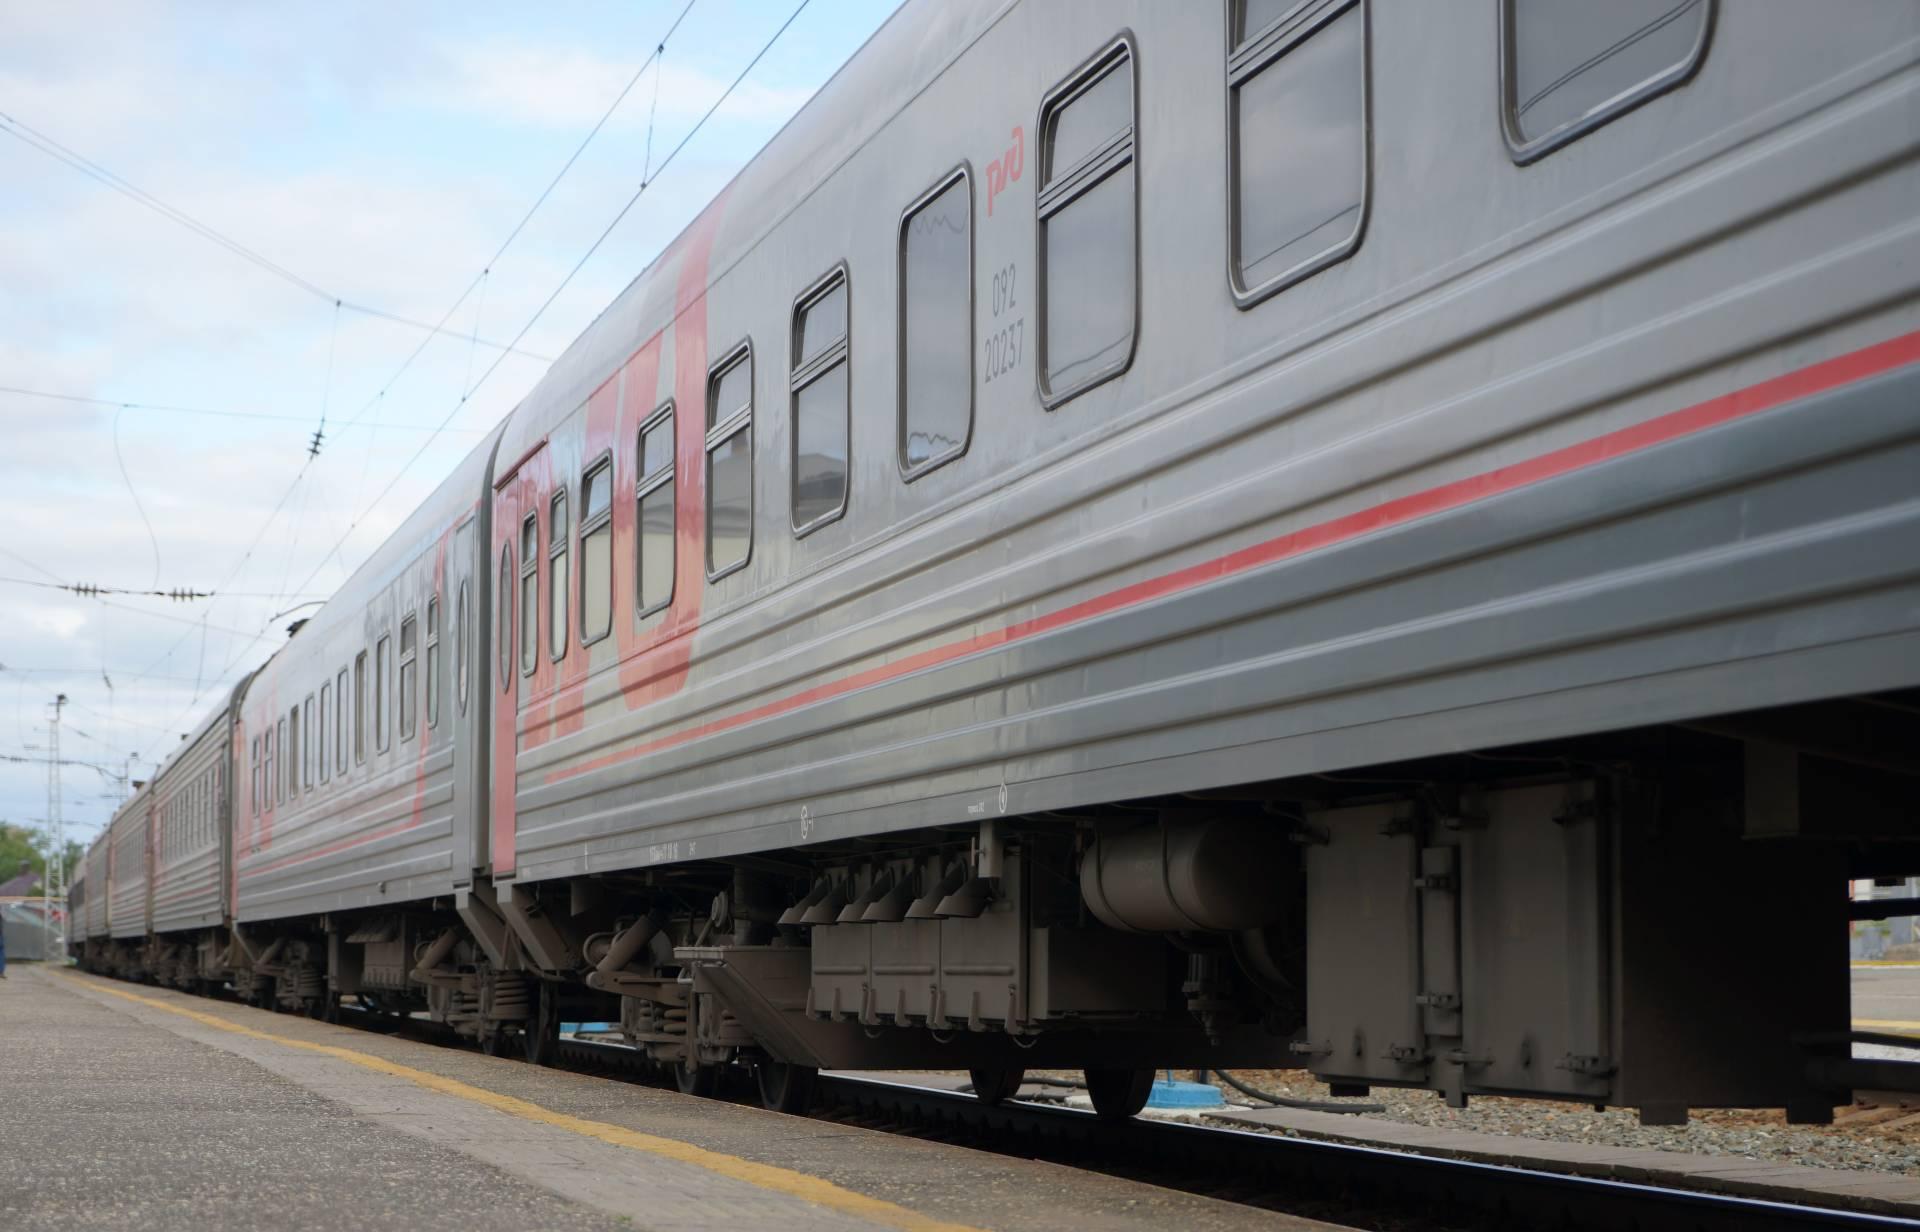 Семьи с детьми получат скидку на проезд в поездах дальнего следования